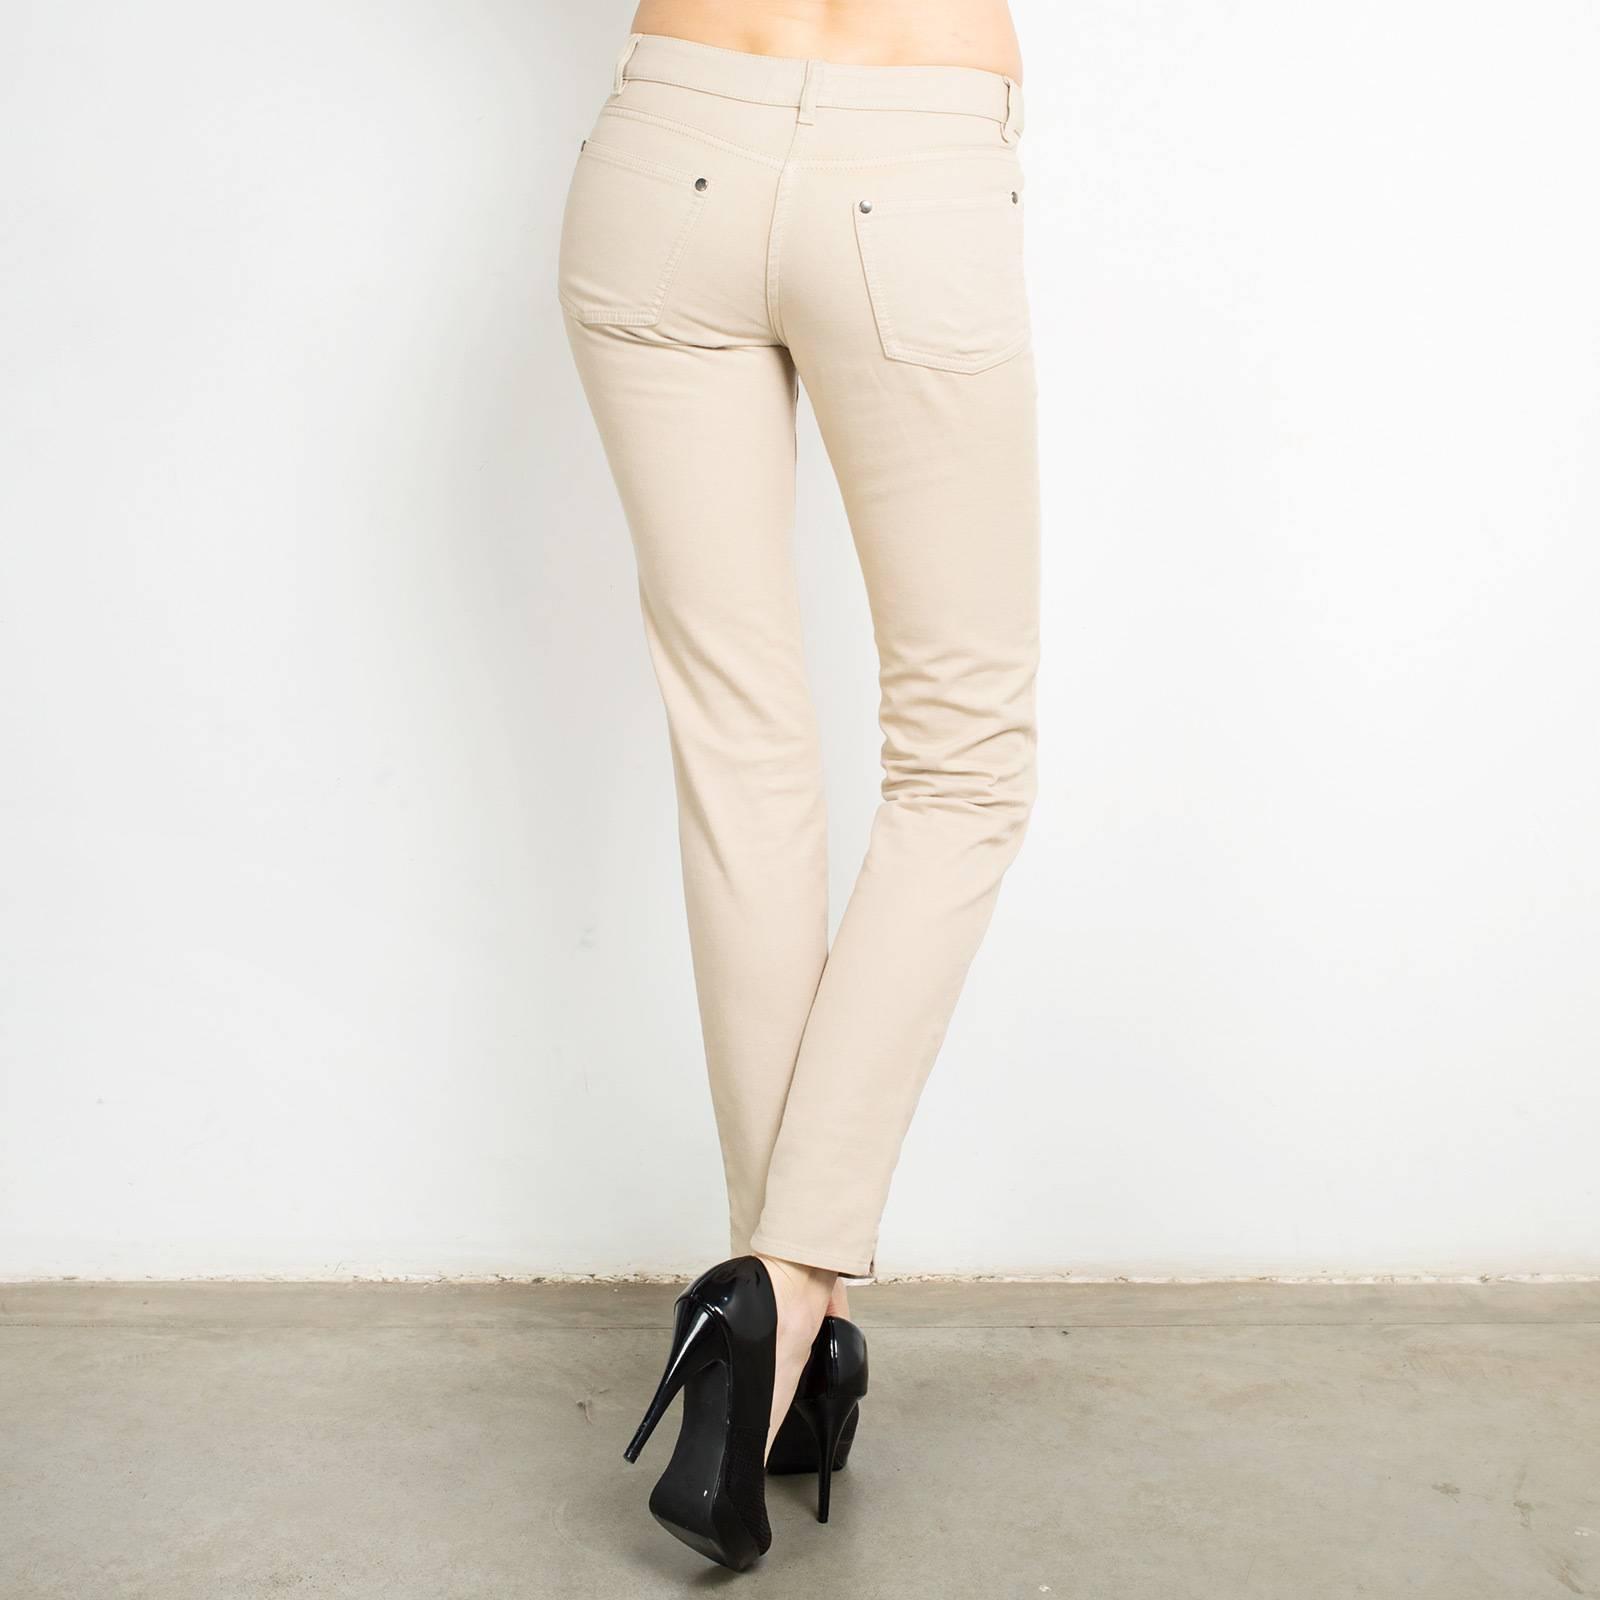 Купить джинсы Yves Saint Laurent в Москве с доставкой по цене 7700 ... 789e8fd71ac